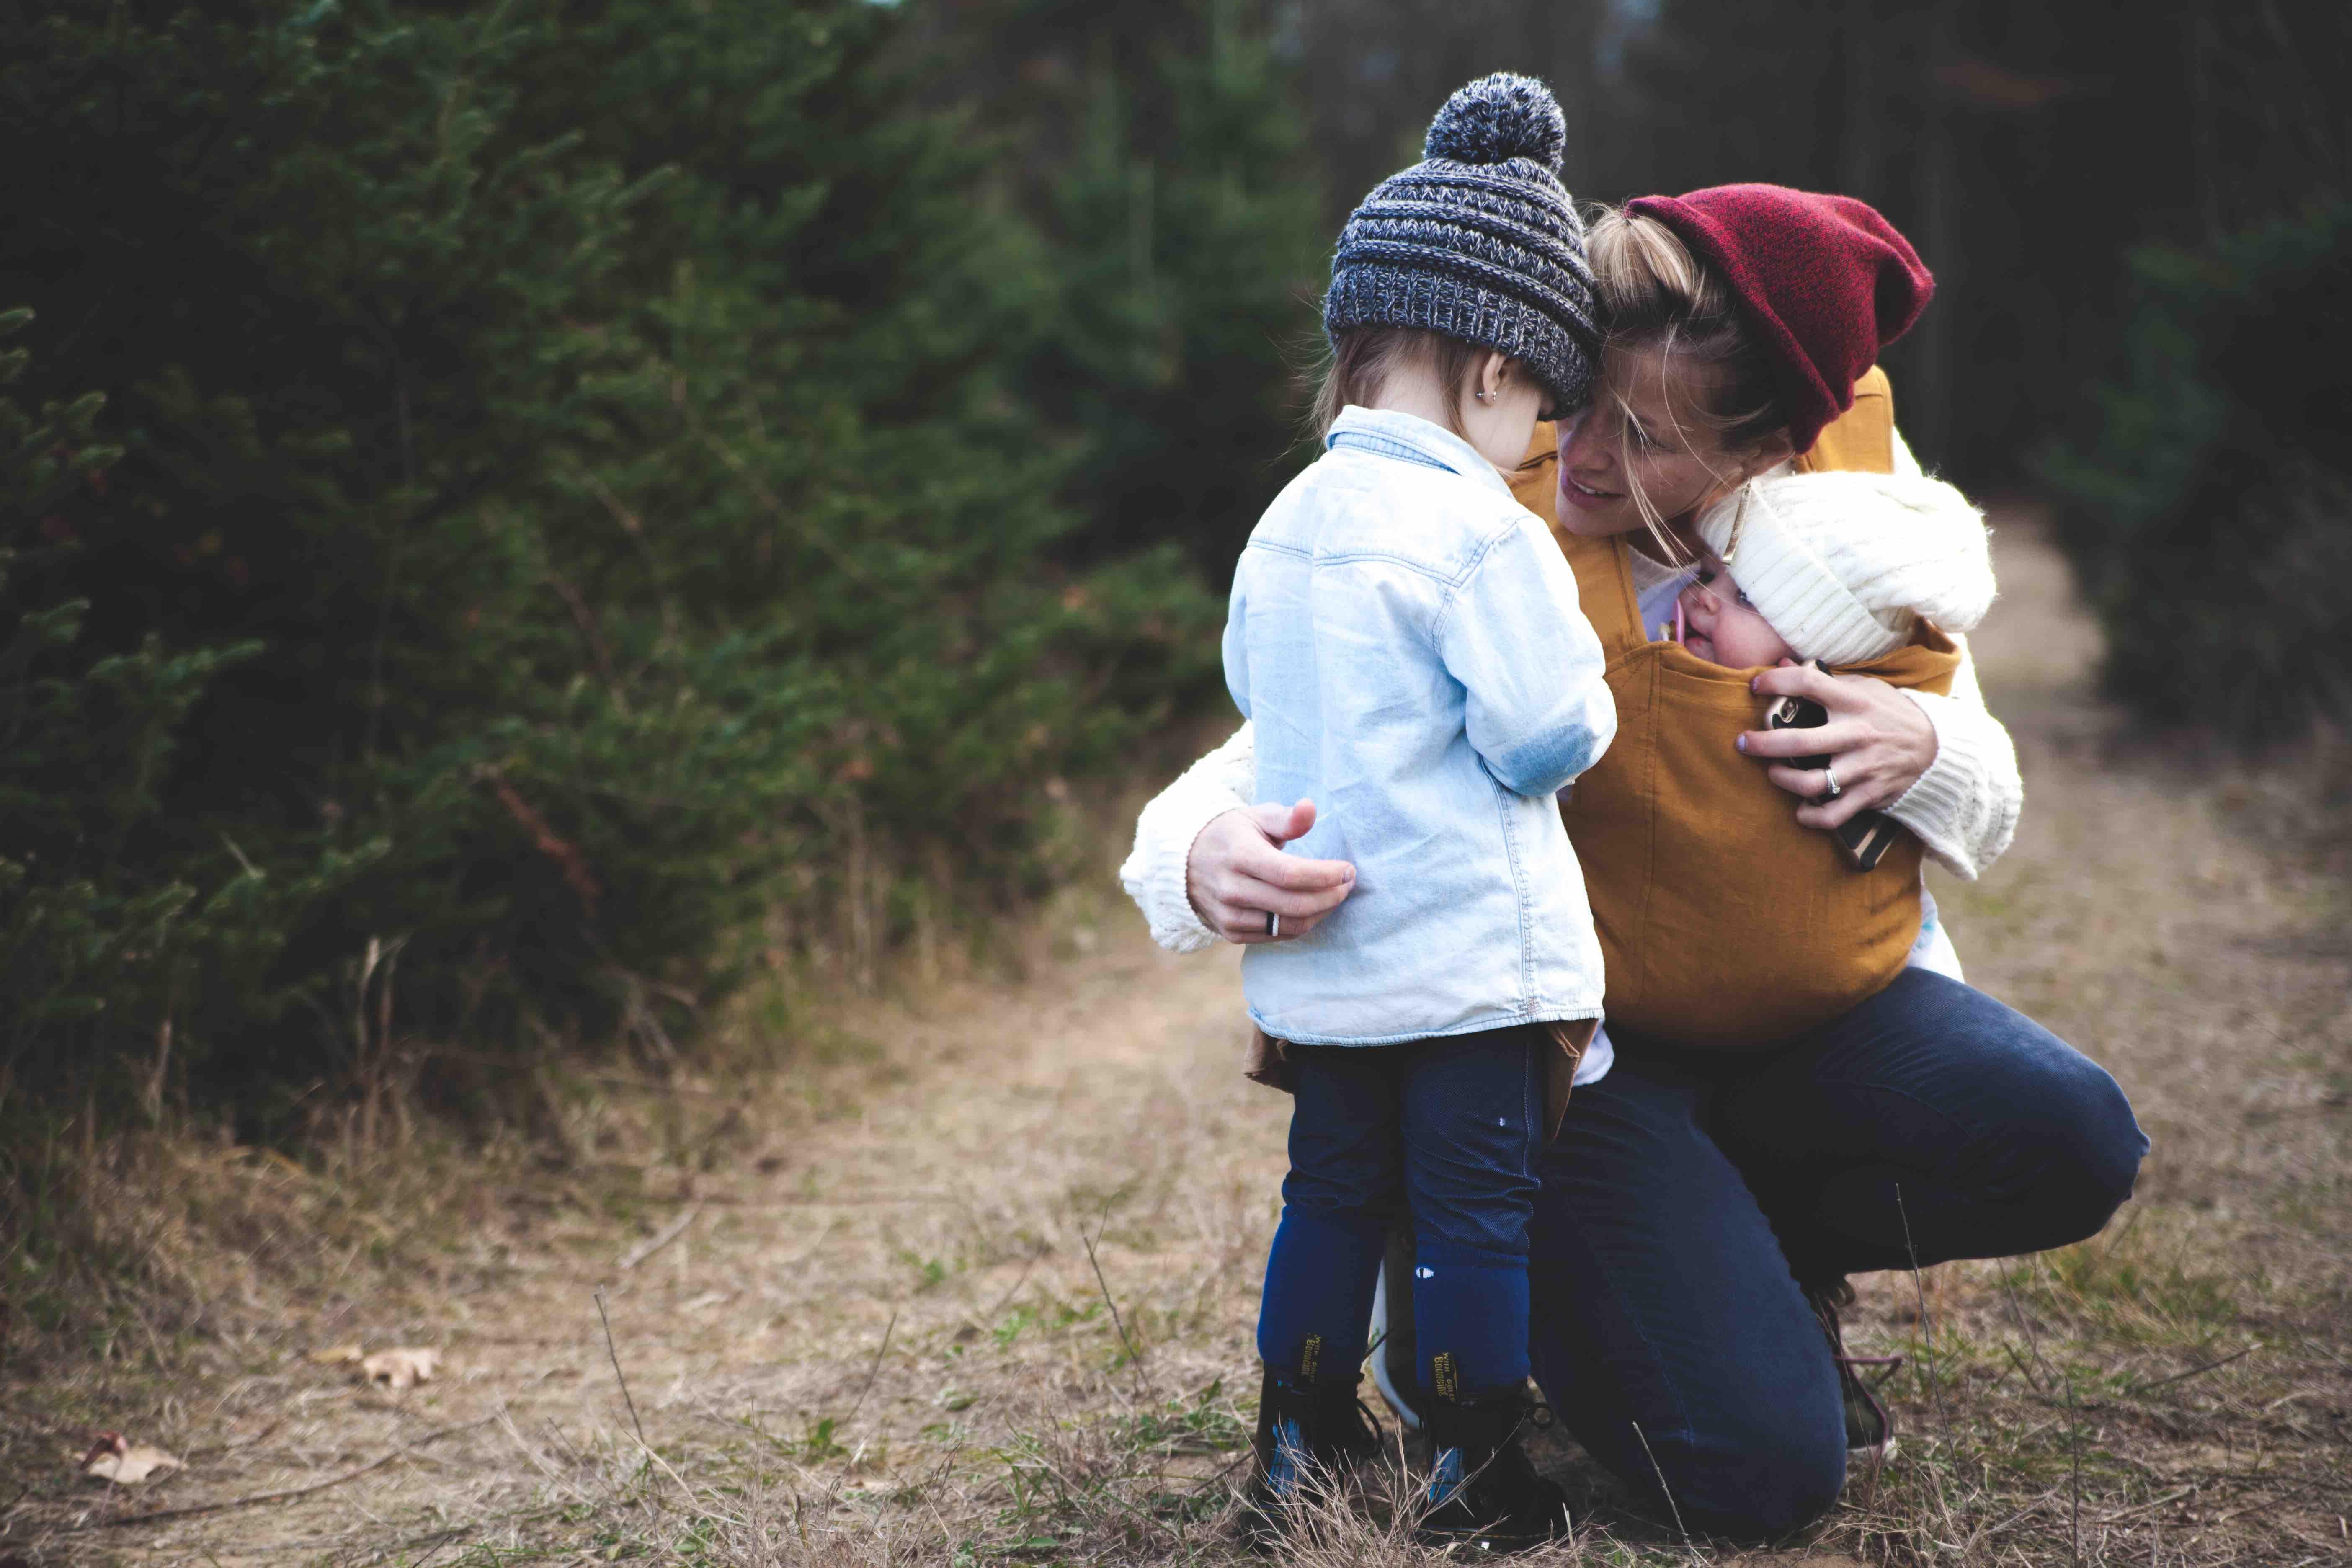 ハーフの子育てを楽しいと感じる理由3つ!子育ては楽しい?